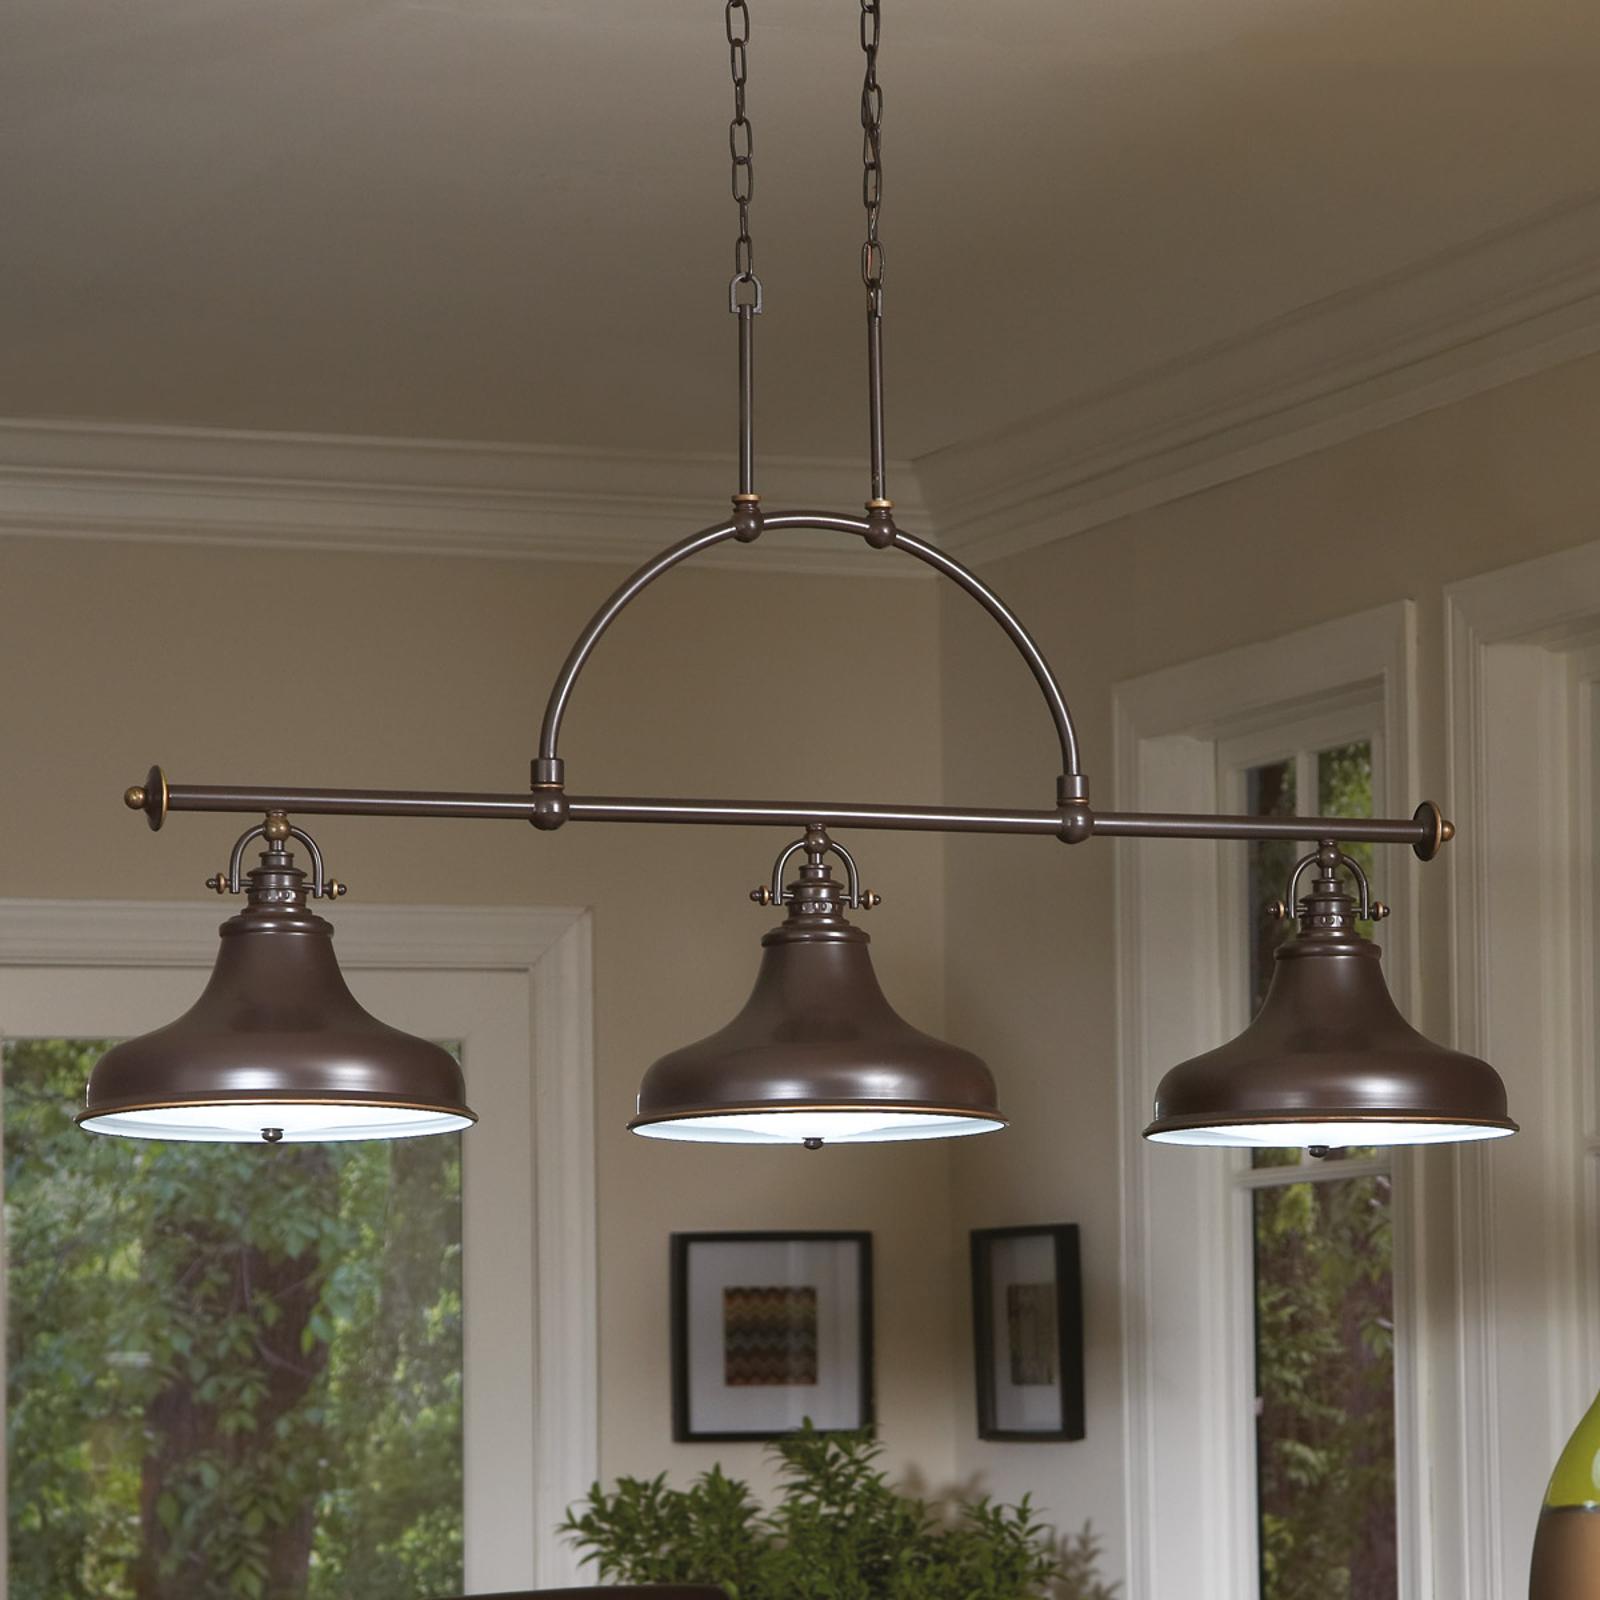 Hanglamp Emery in industriële stijl brons 3-lamps